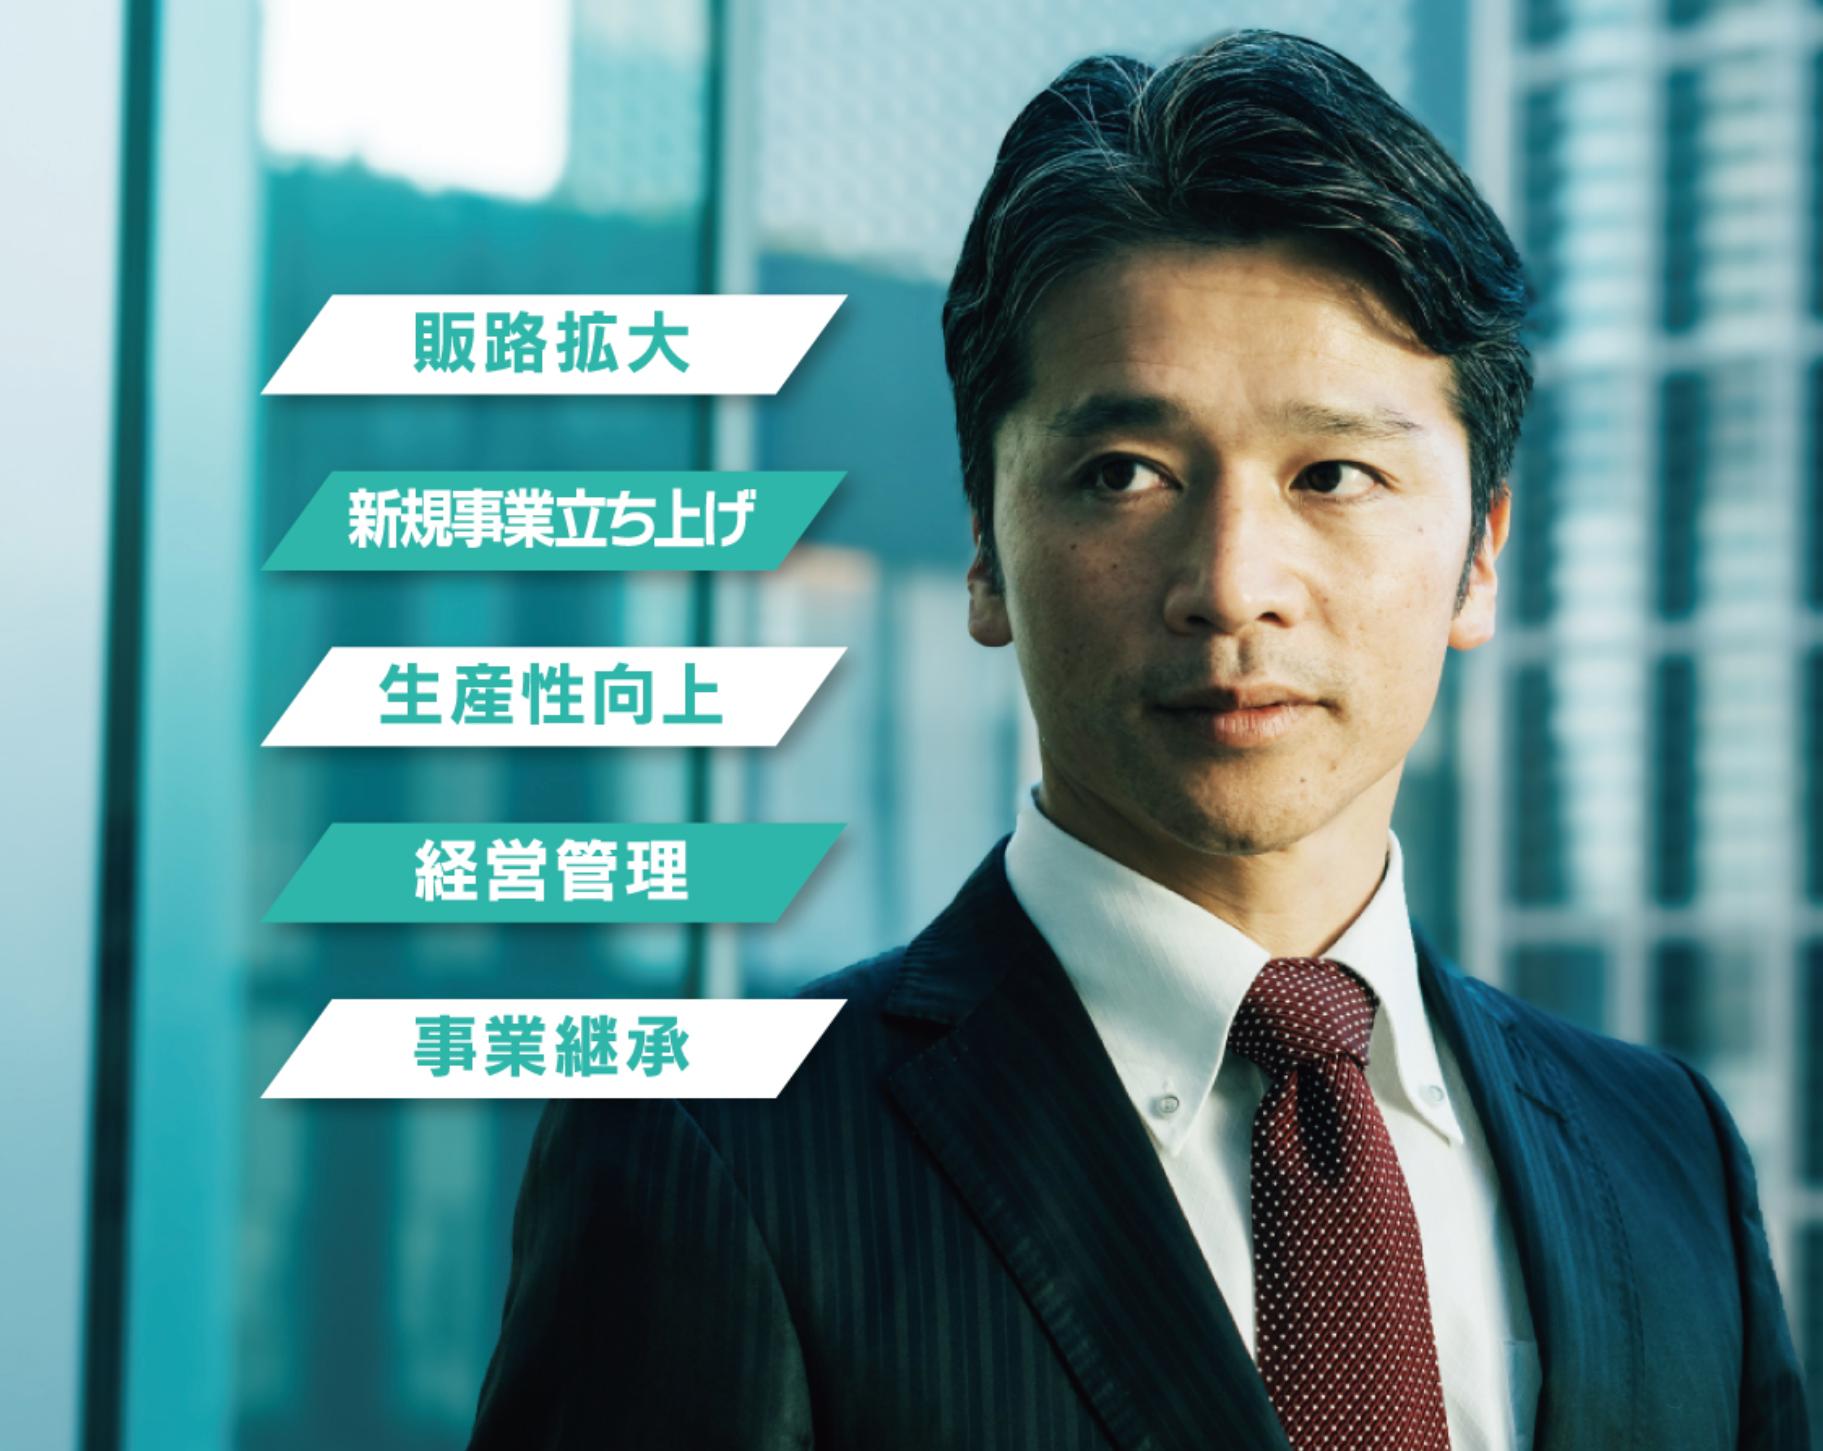 山口県プロフェッショナル人材戦略拠点 事業サイト